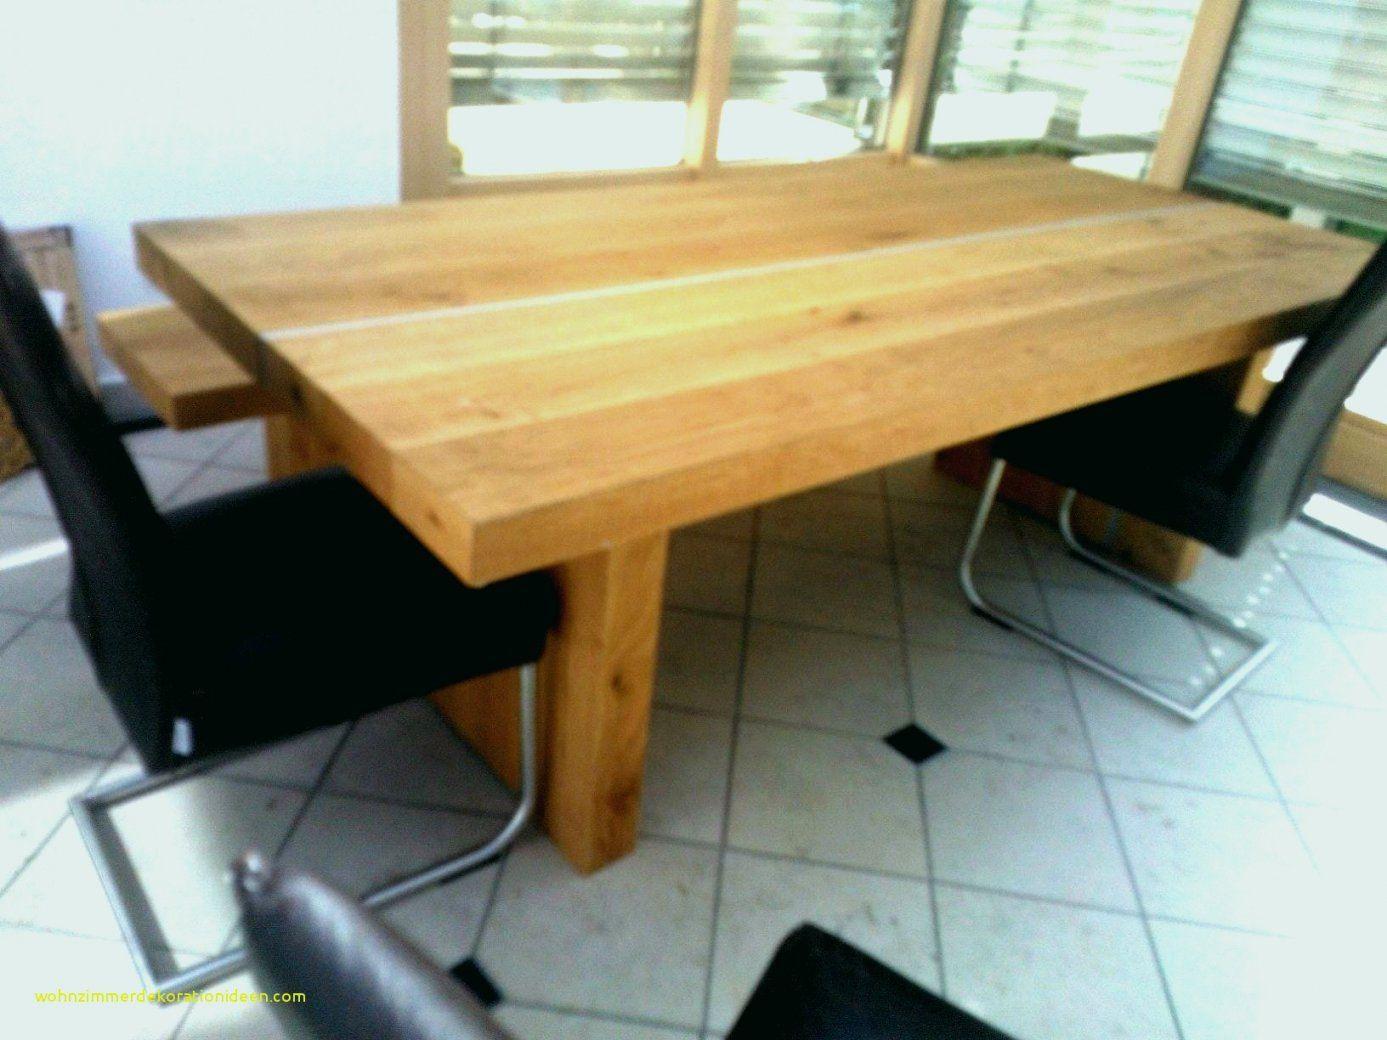 Gebrauchte Gastronomie Tische Und Stühle Einzigartig Top Ergebnis von Stühle Und Tische Für Gastronomie Gebraucht Photo